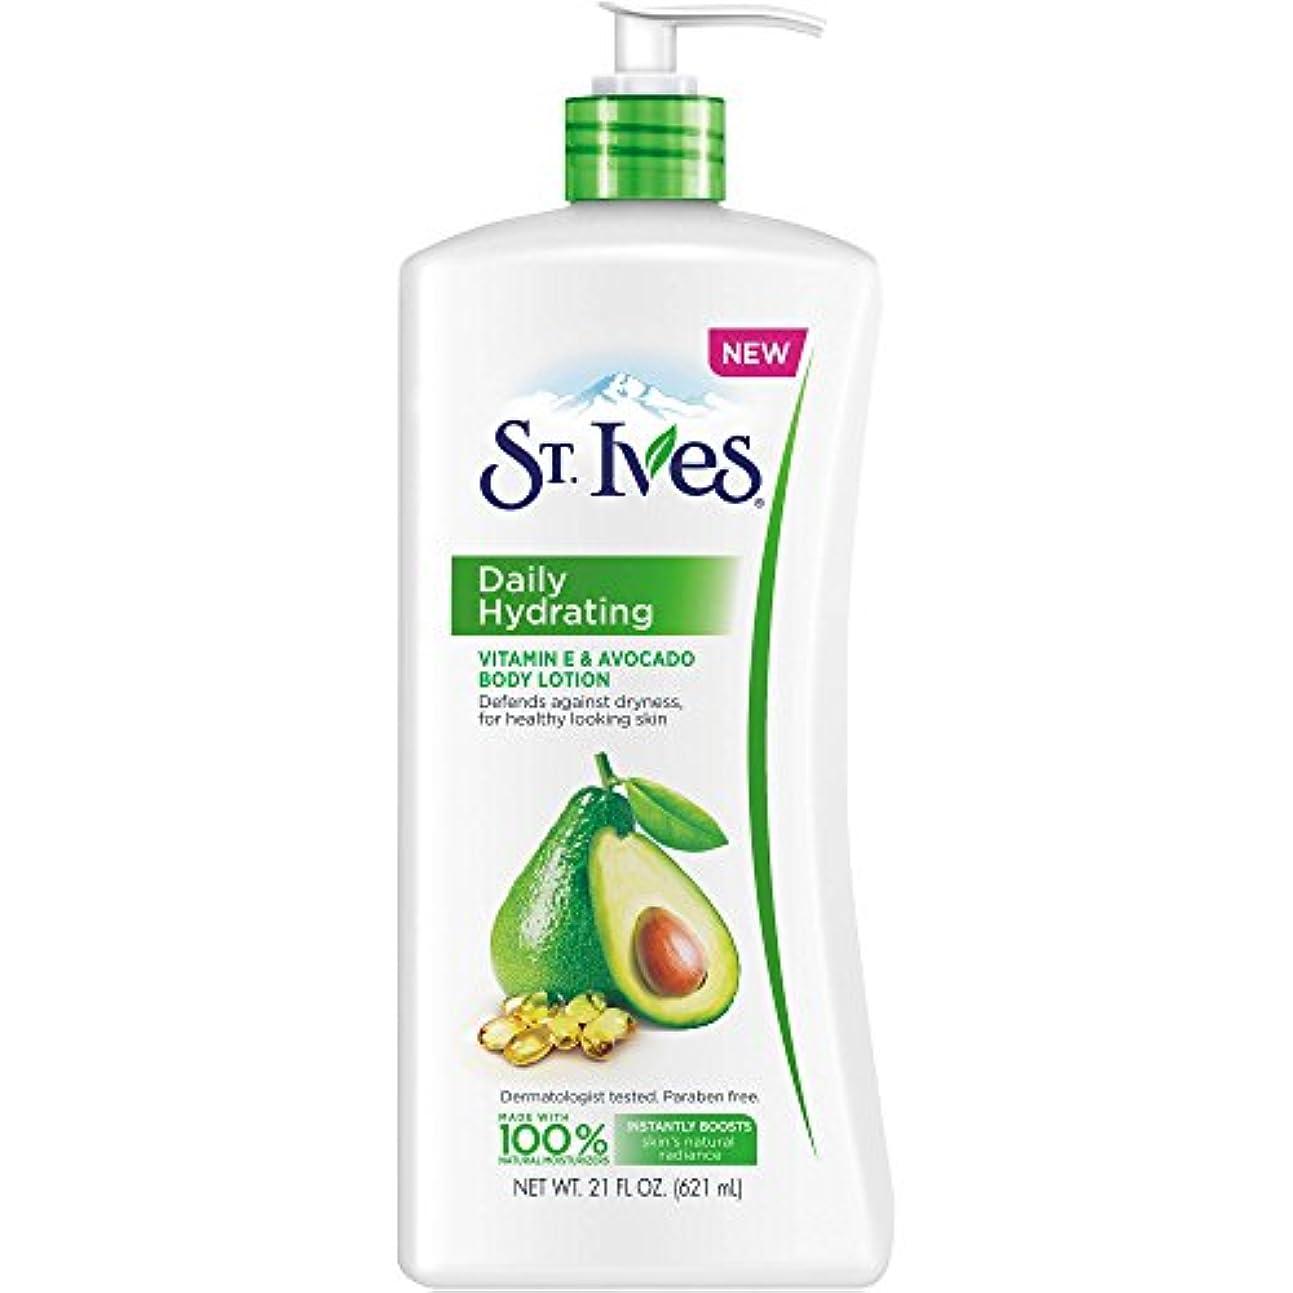 であるマッシュどこかSt. Ives Daily Hydrating Vitamin E and Avocado Body Lotion [並行輸入品]